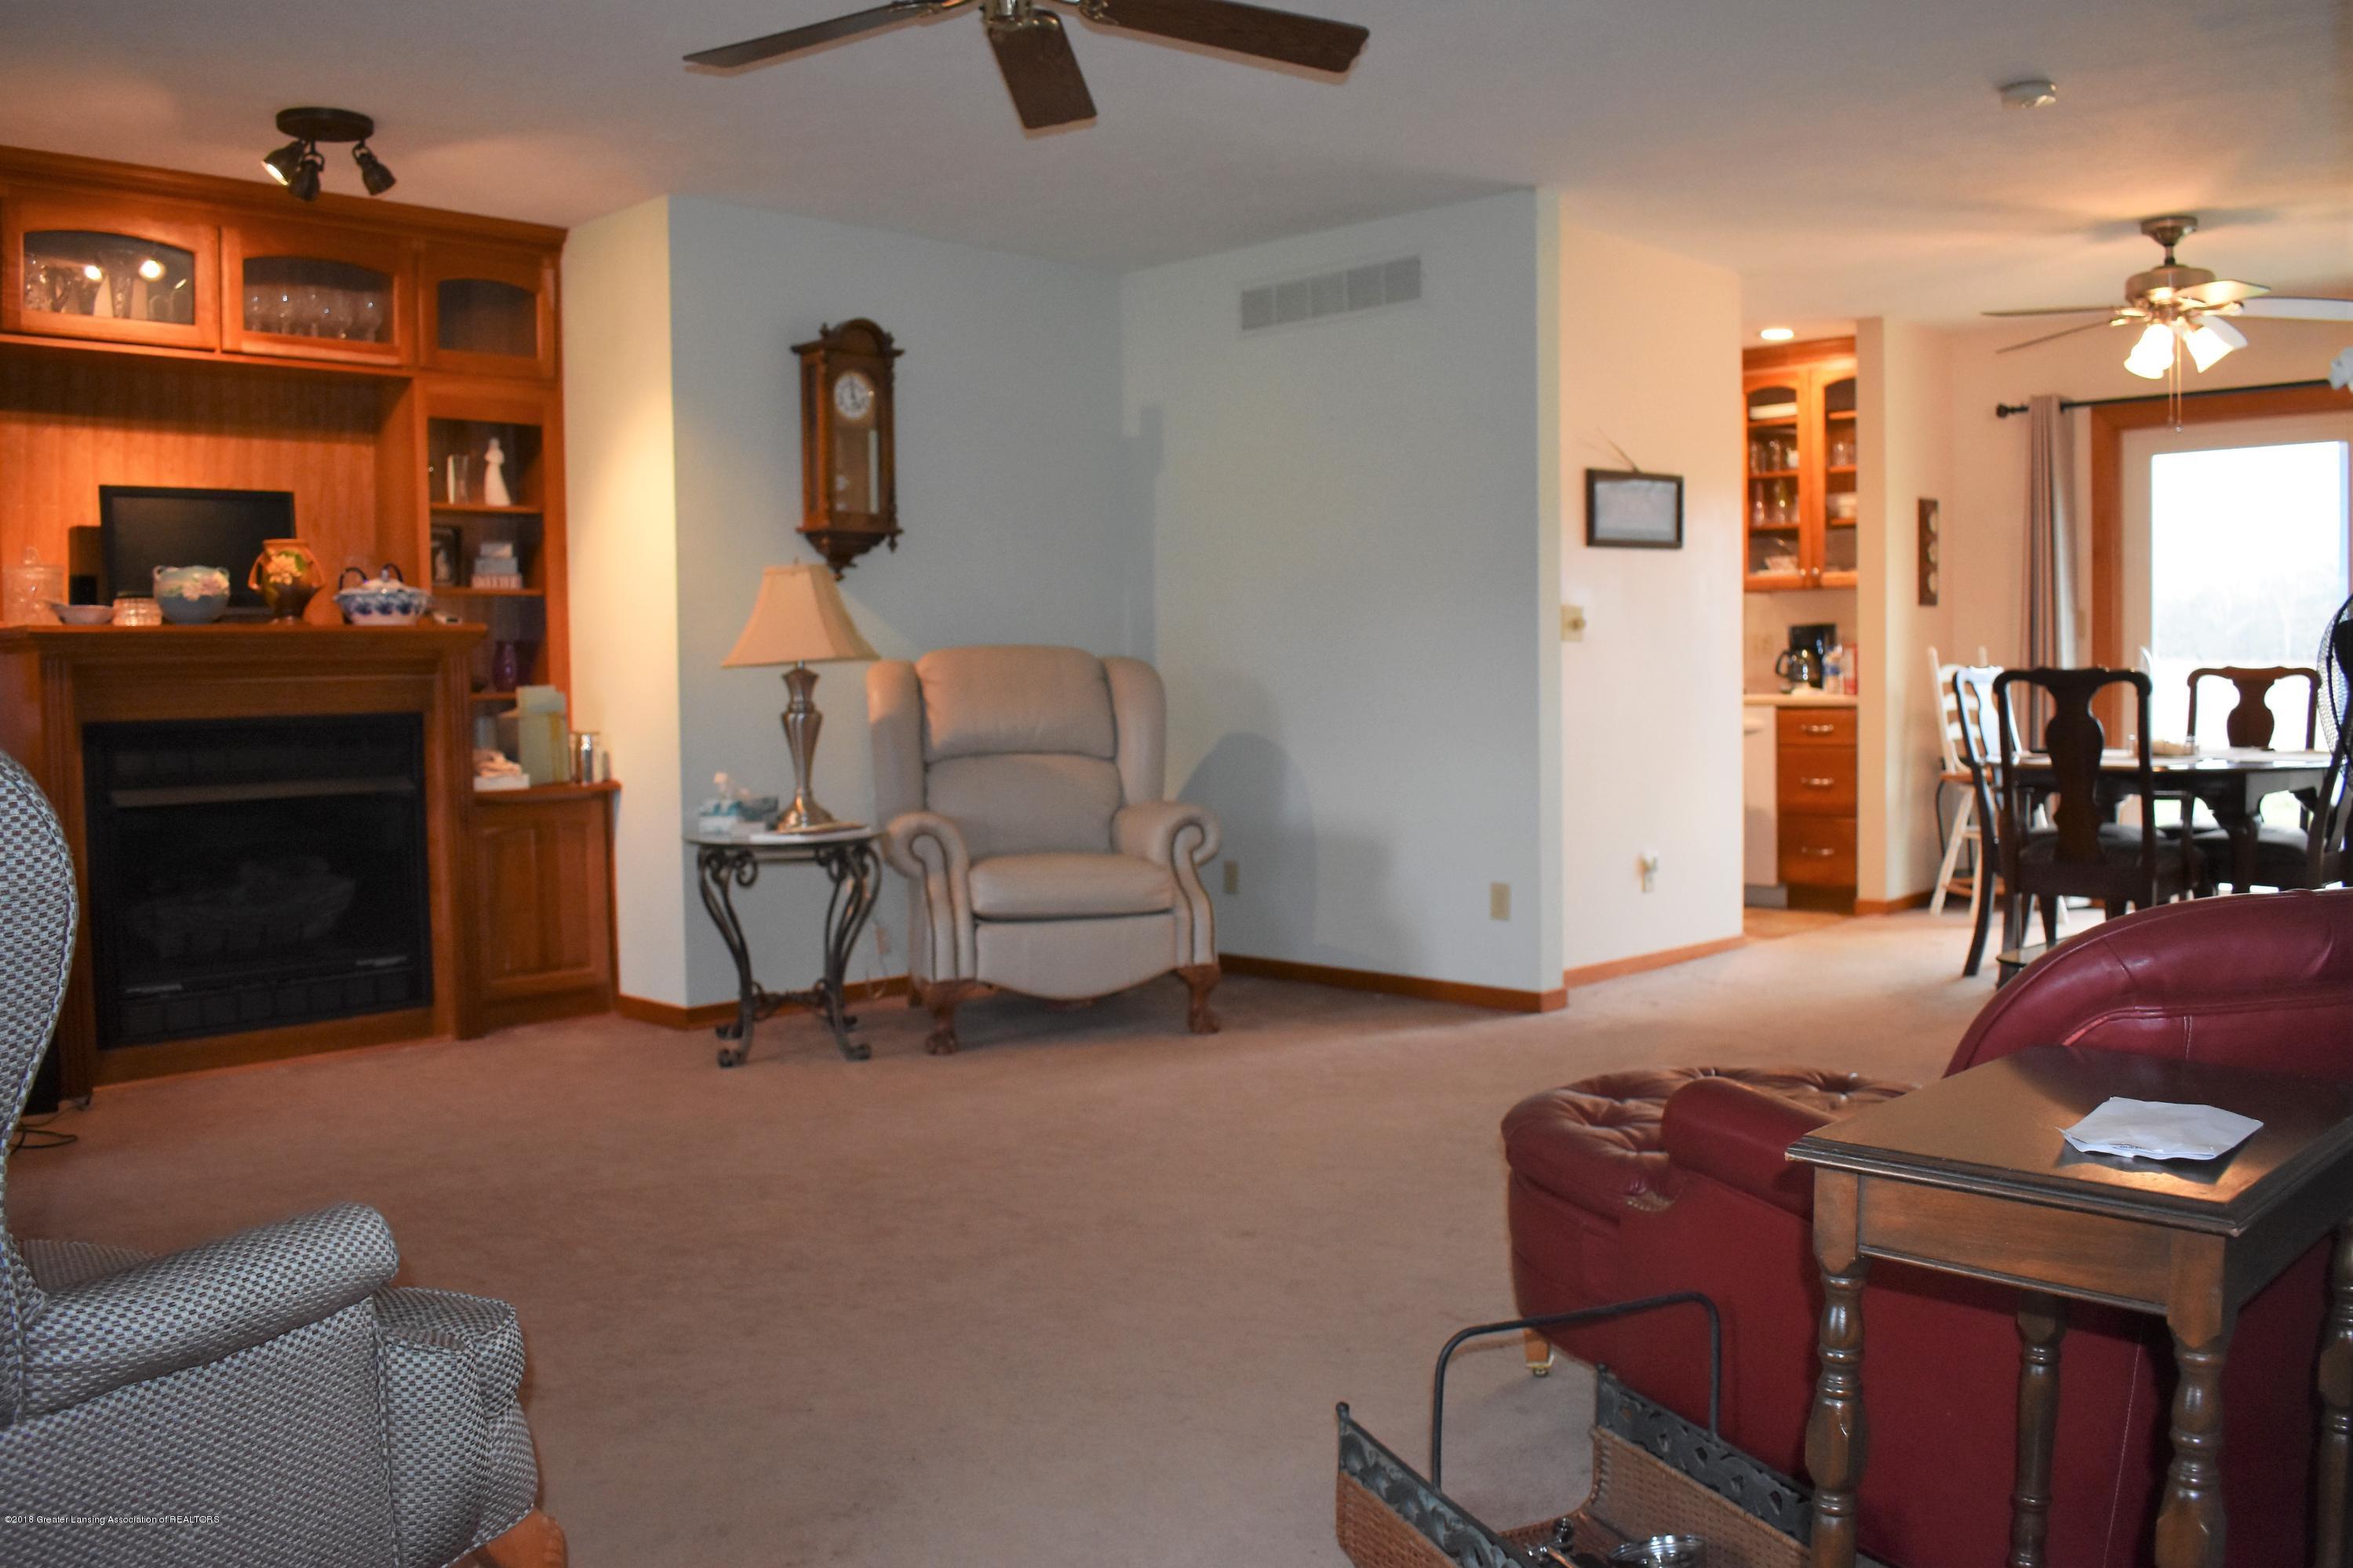 341 S Eifert Rd - Living Room 6 - 6